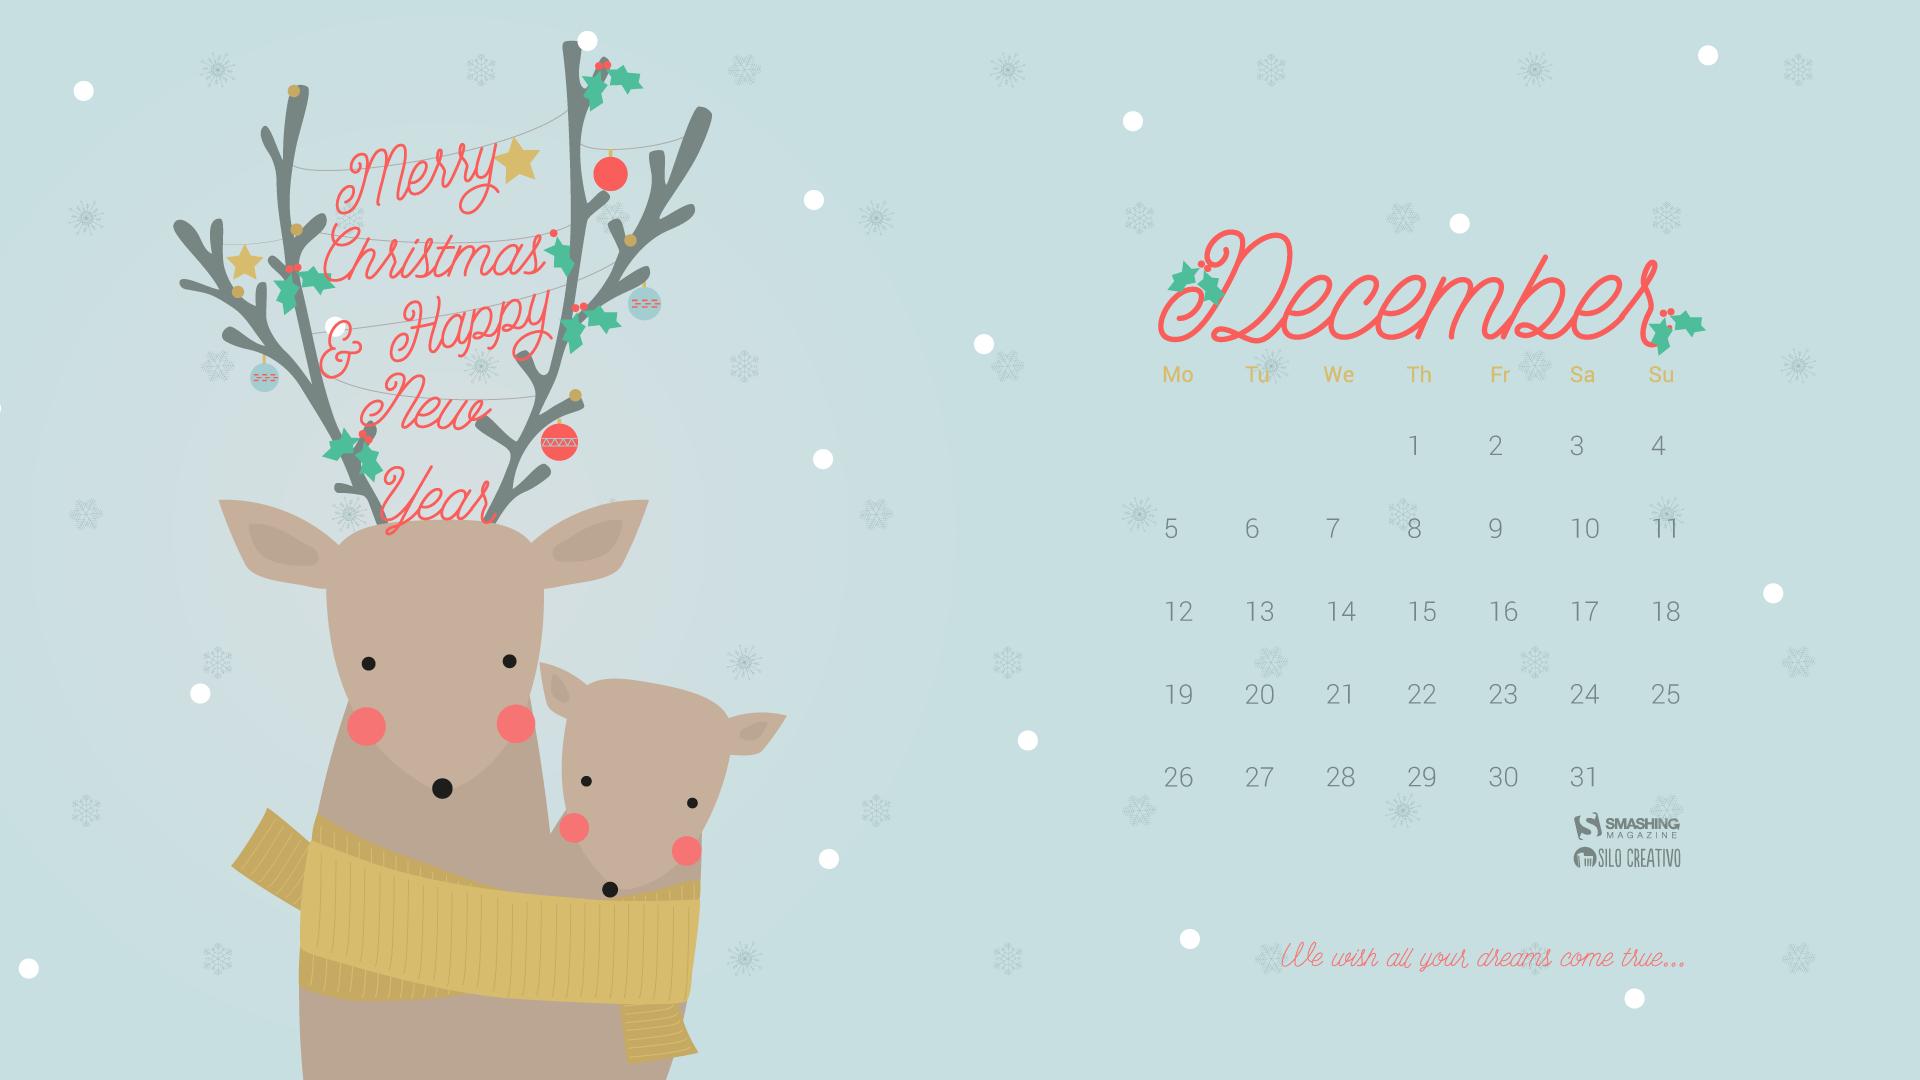 Обои календарь декабрь для рабочего стола